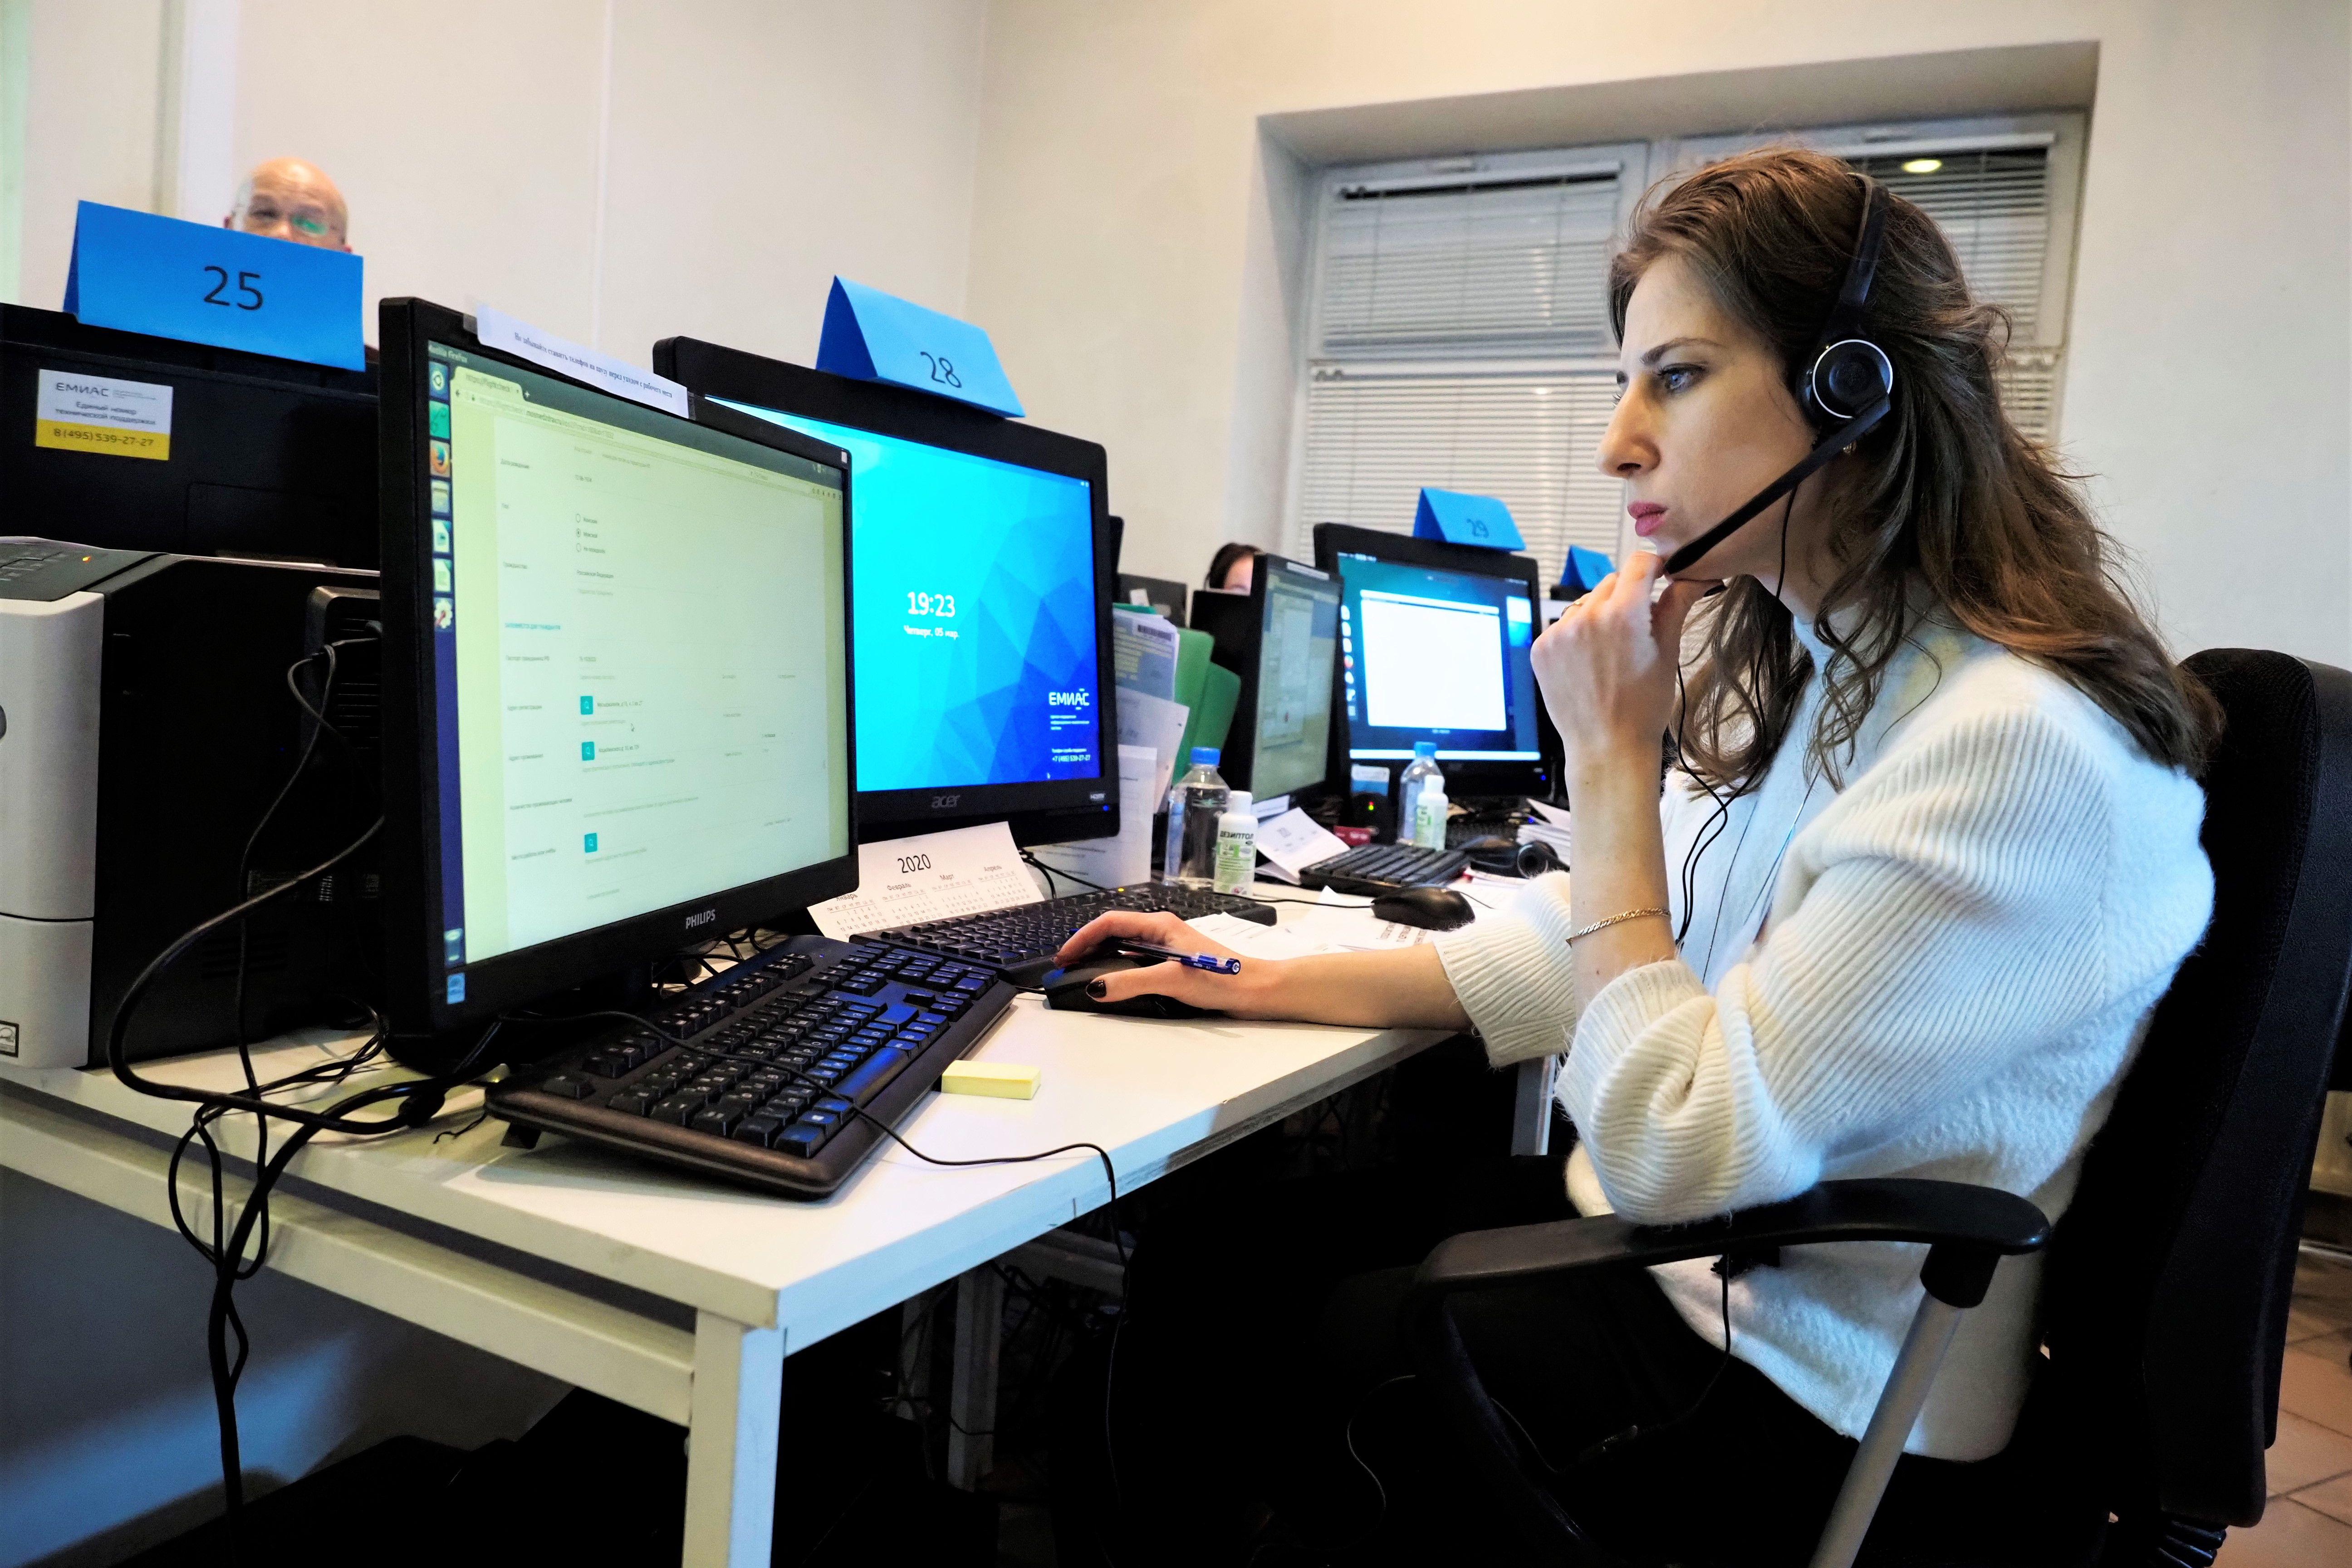 Социальные работники ТЦСО «Орехово» ежедневно принимают более 200 обращений